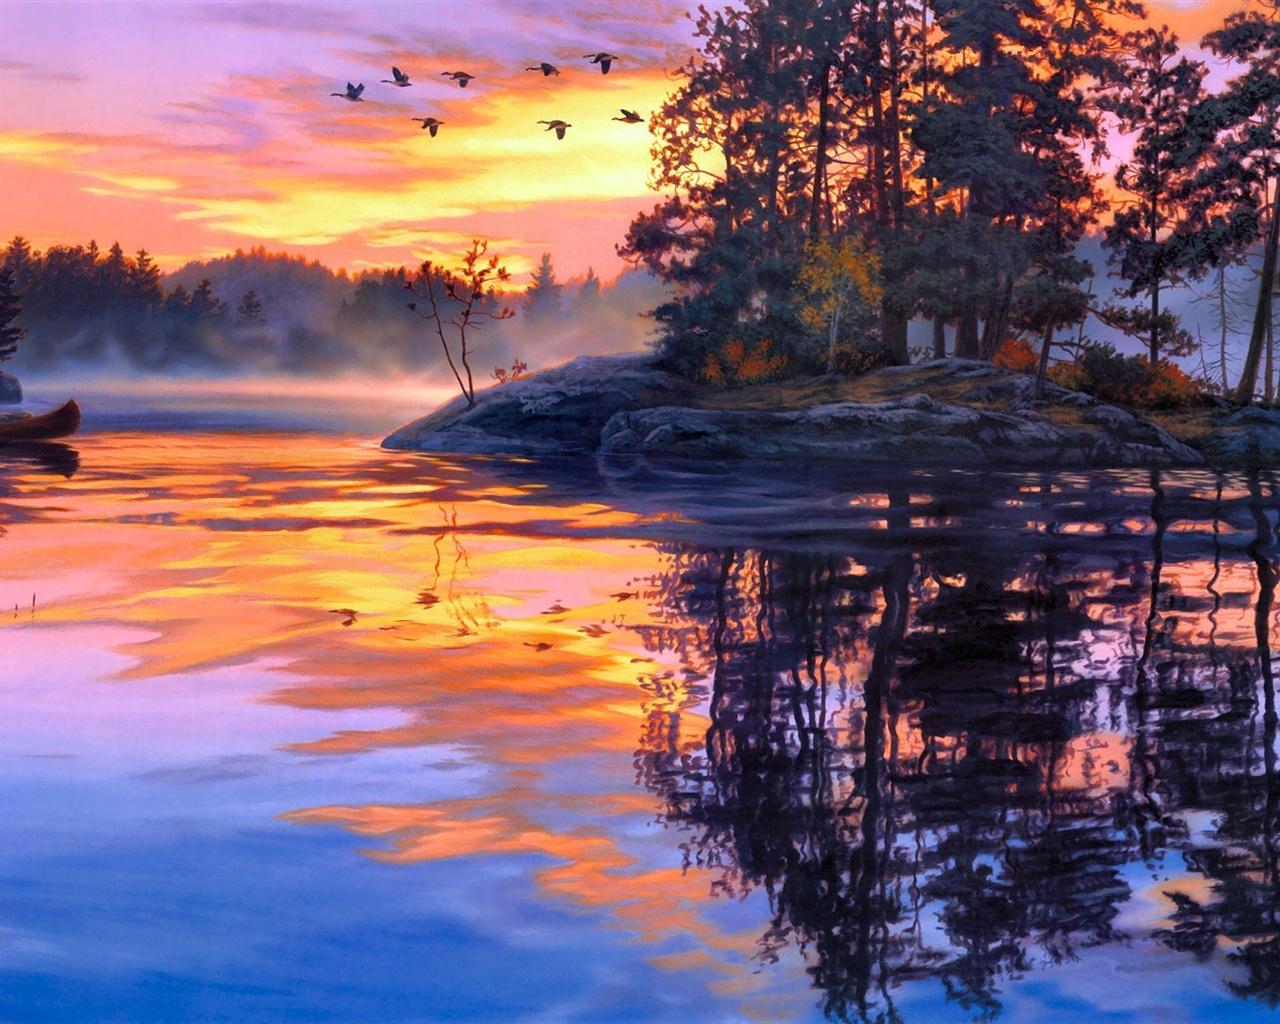 fonds d cran peinture d art cr puscule paysage lac